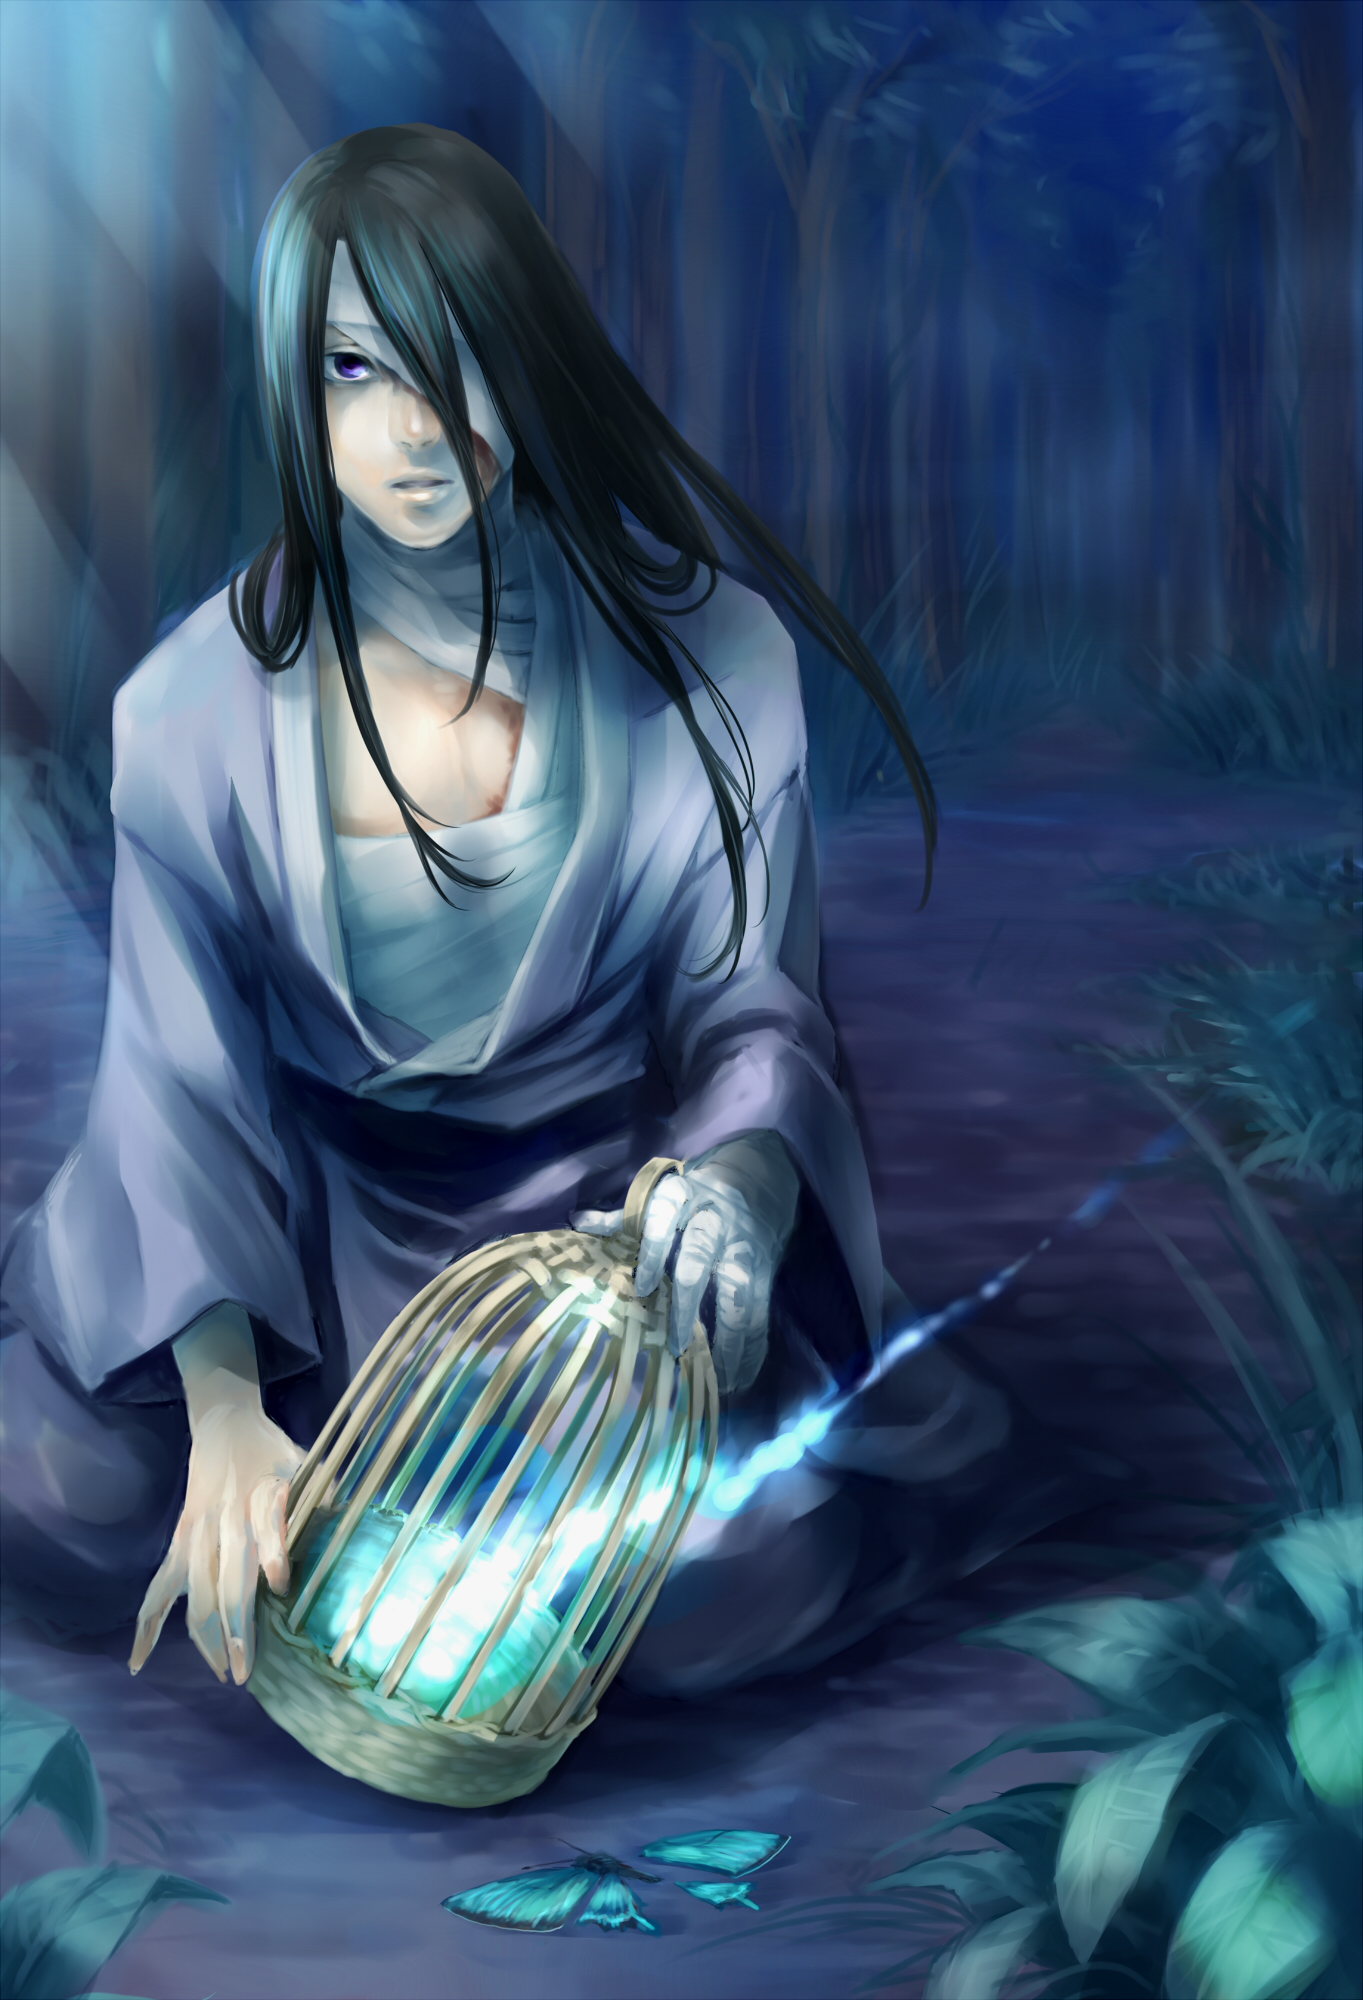 Pixiv Id 568445 Image 832820 Zerochan Anime Image Board